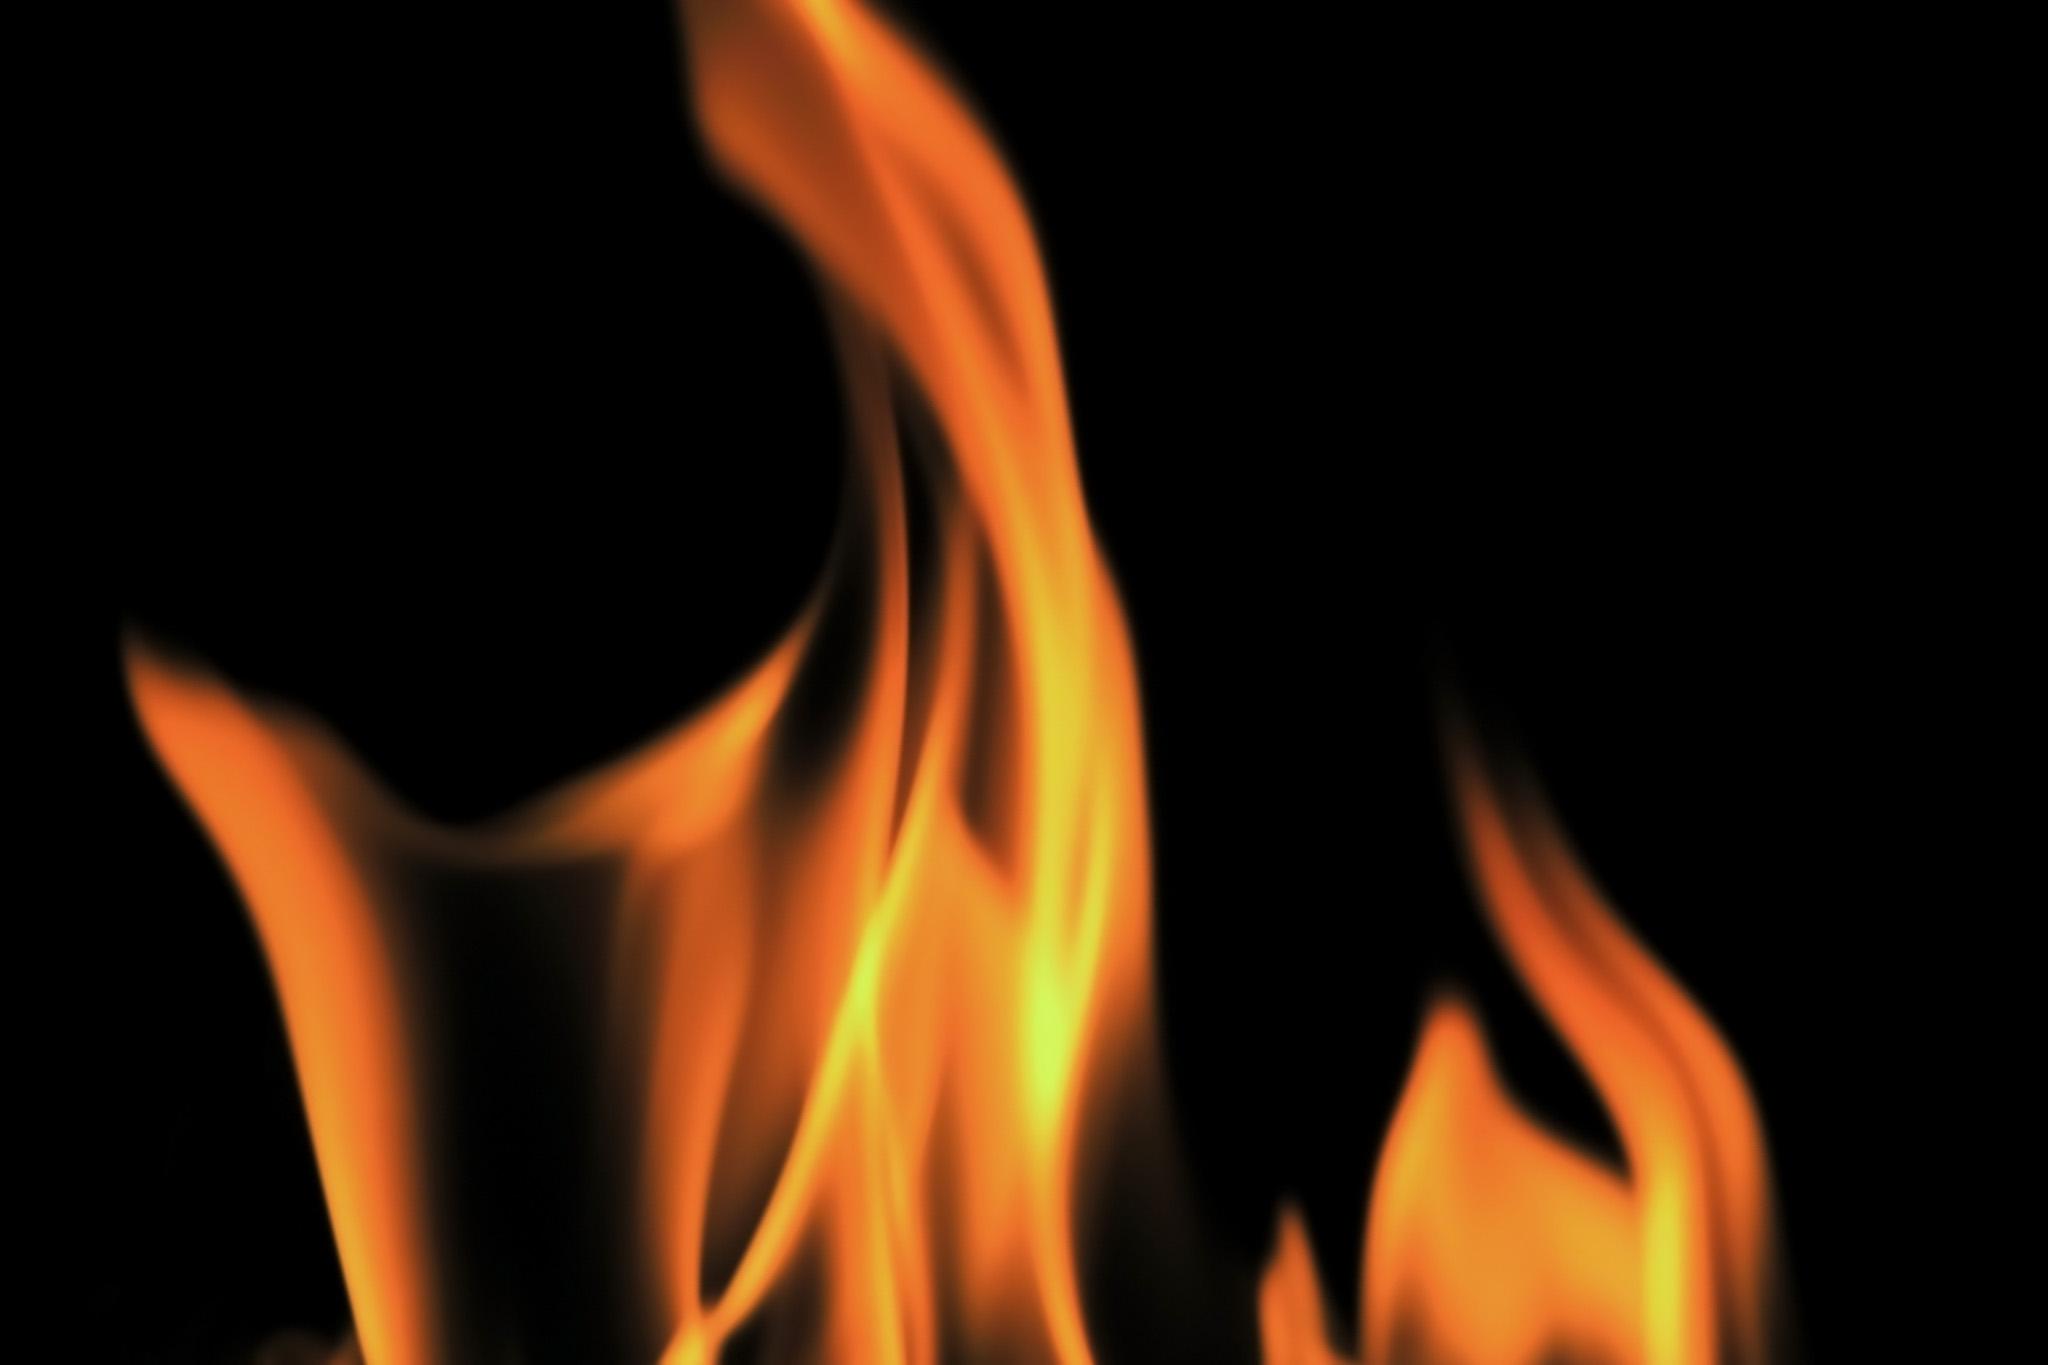 「ユラユラと燃ゆる火」